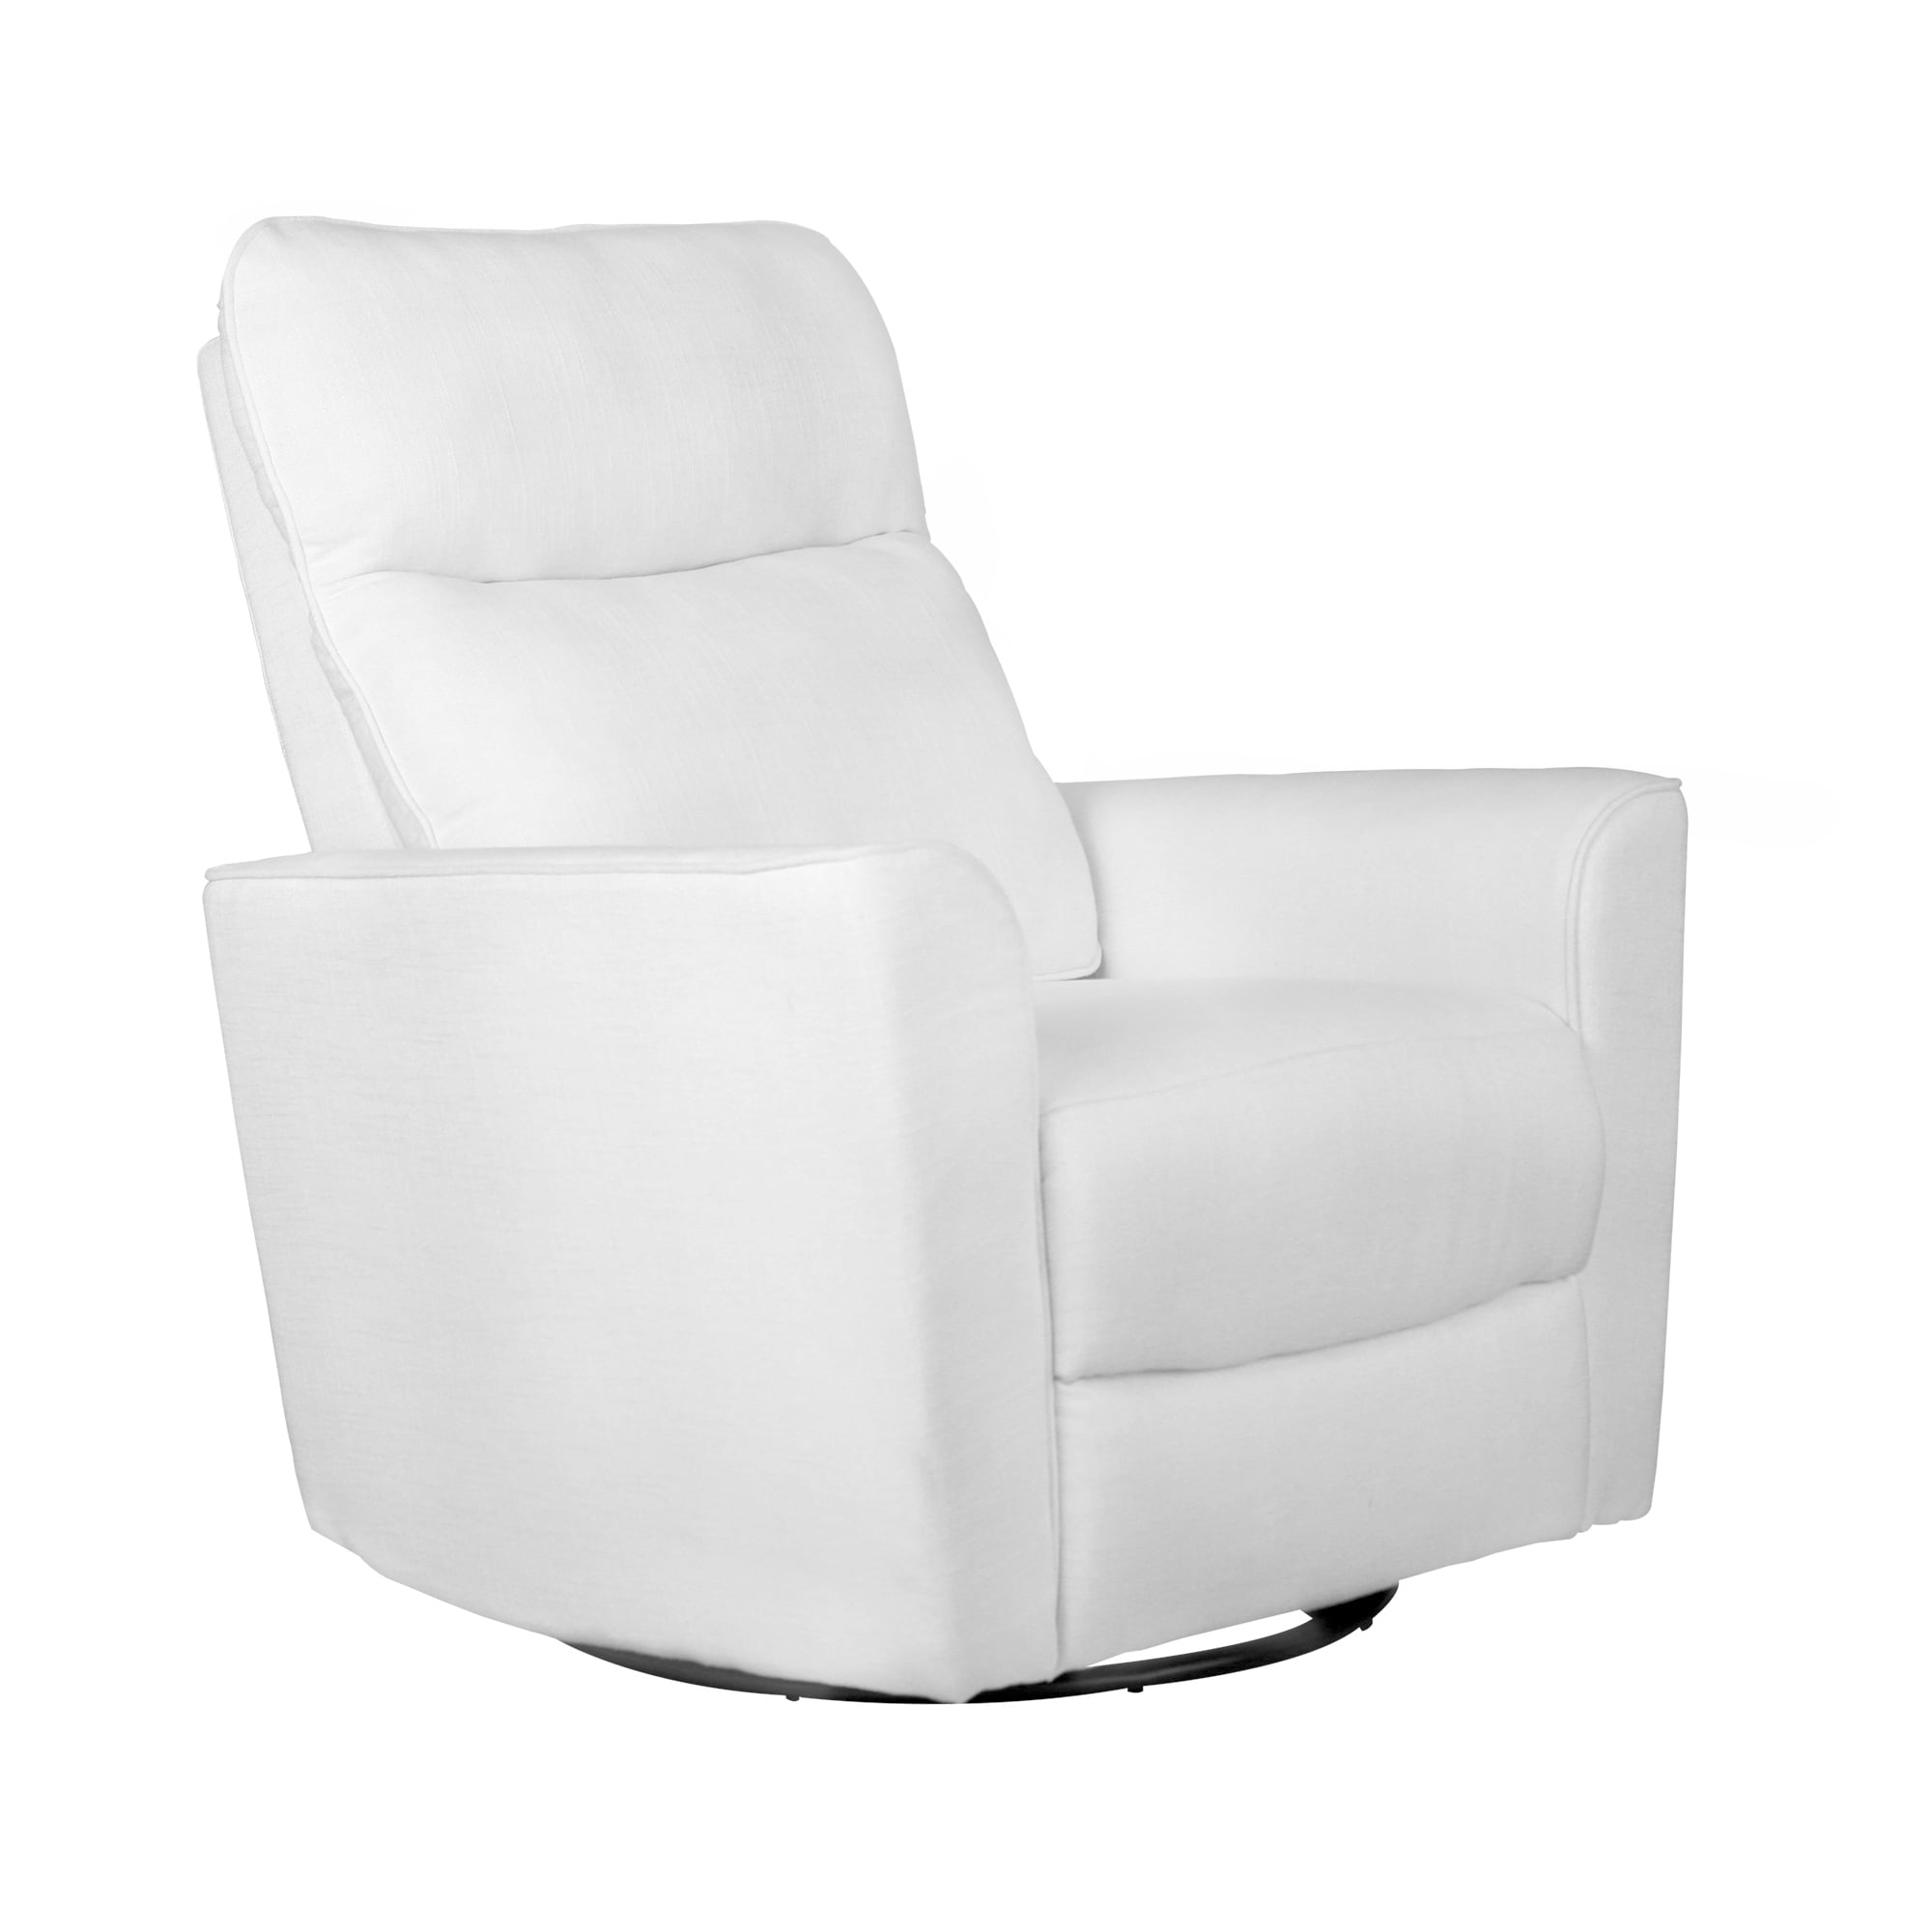 Karla Dubois Soho Comfort Upholstered Swivel Glider- Grey by Karla Dubois